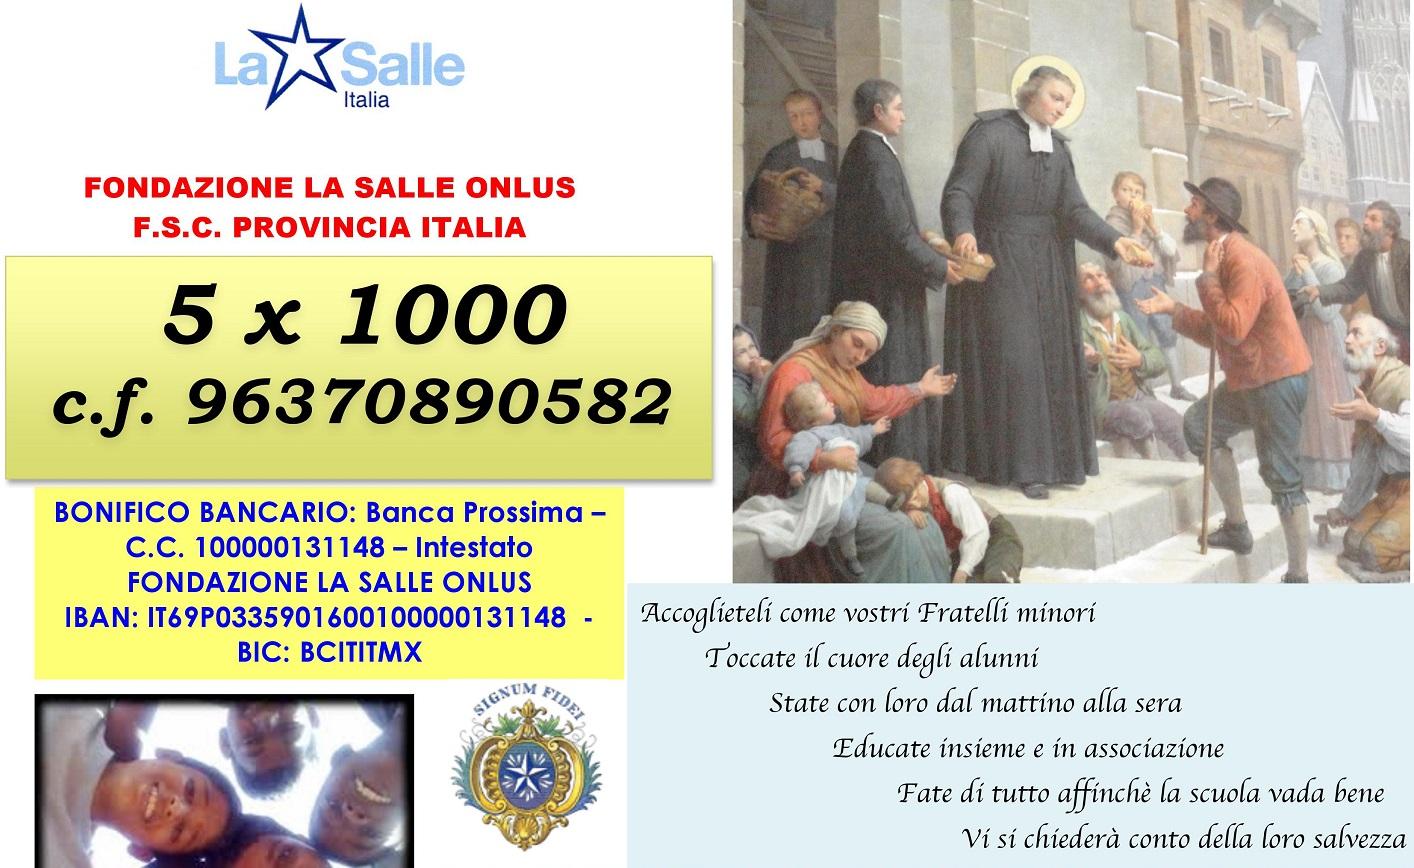 lasalle-fondazione